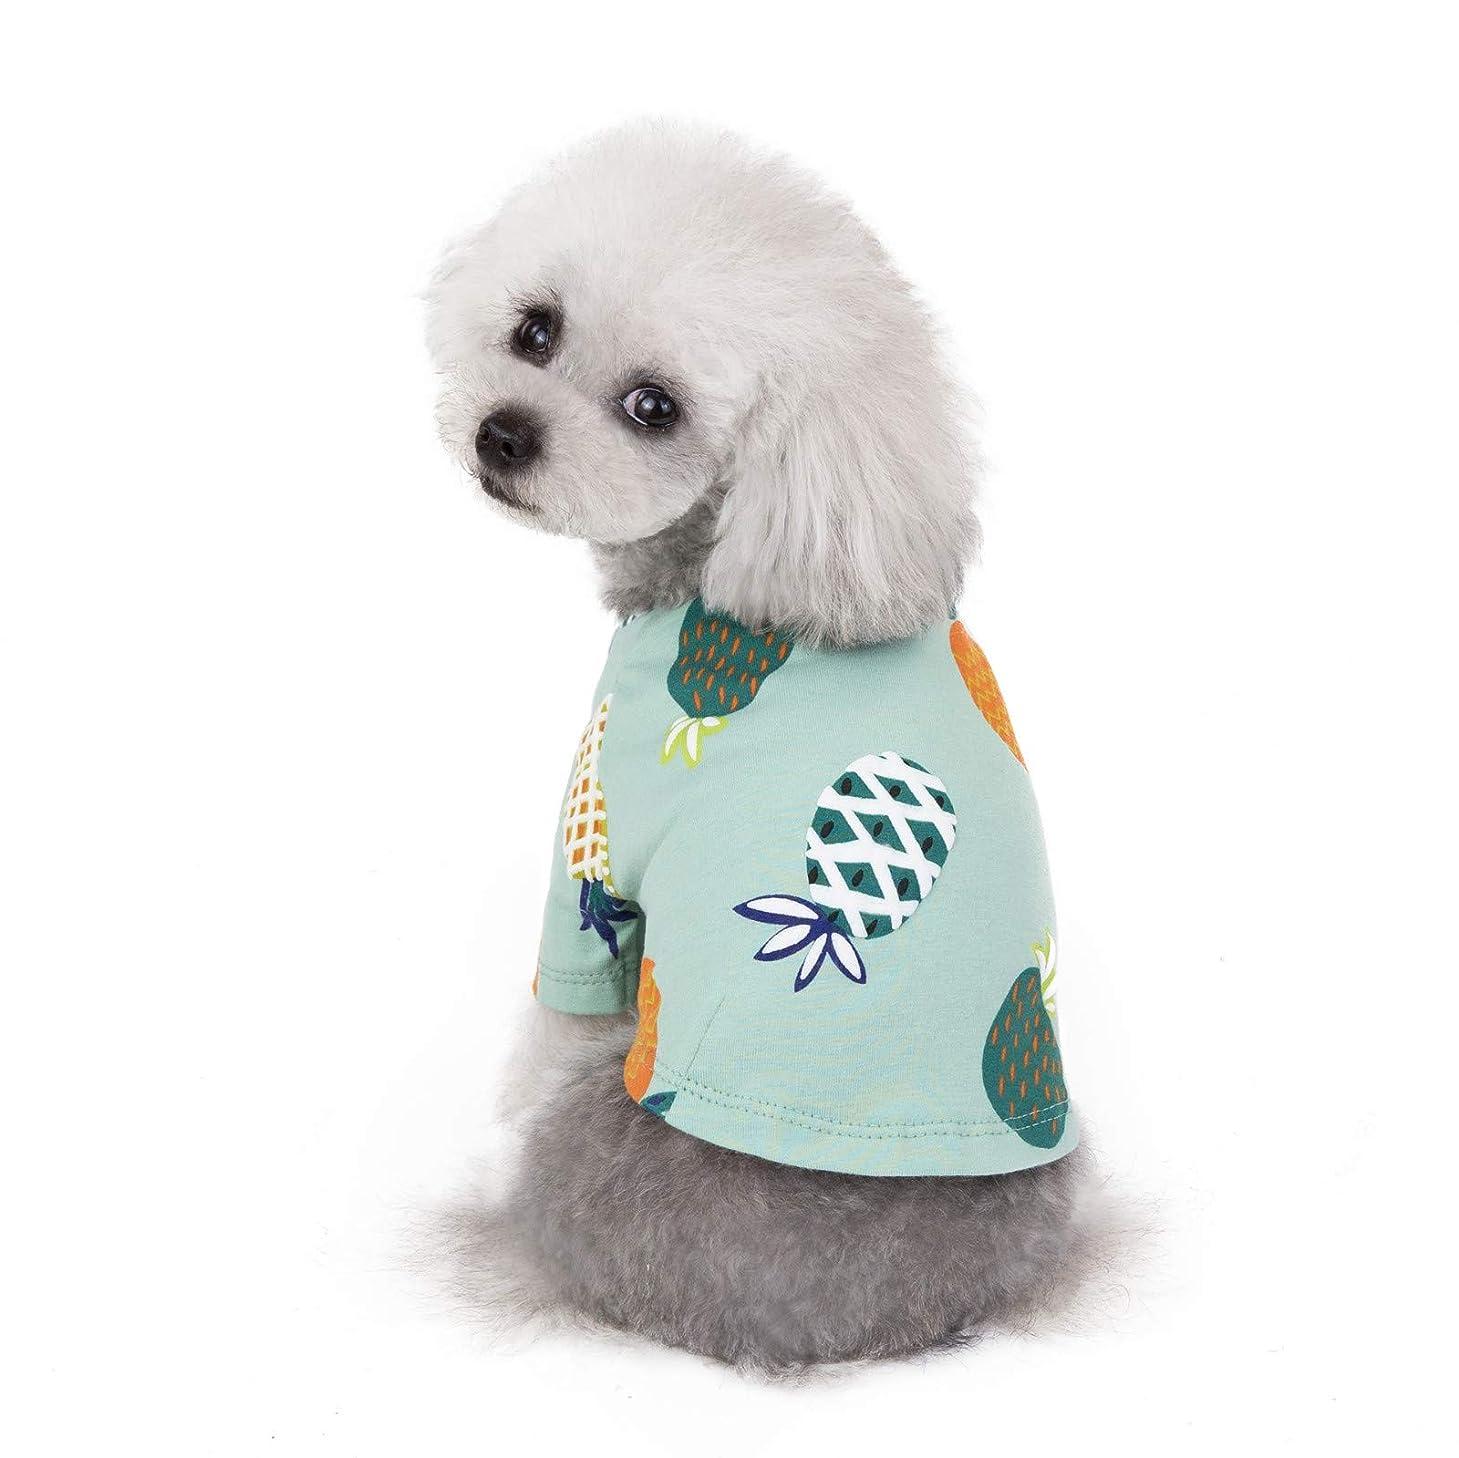 賄賂引き出す再編成するEldori 人気 ファッション 通気性 可愛い 甘い 着やすい 超快適 お散歩 ペットの春と夏のパイナップルプリント犬の家の服ペット服犬の服 服日焼け止め お出かけ 記念撮影 ペット用品